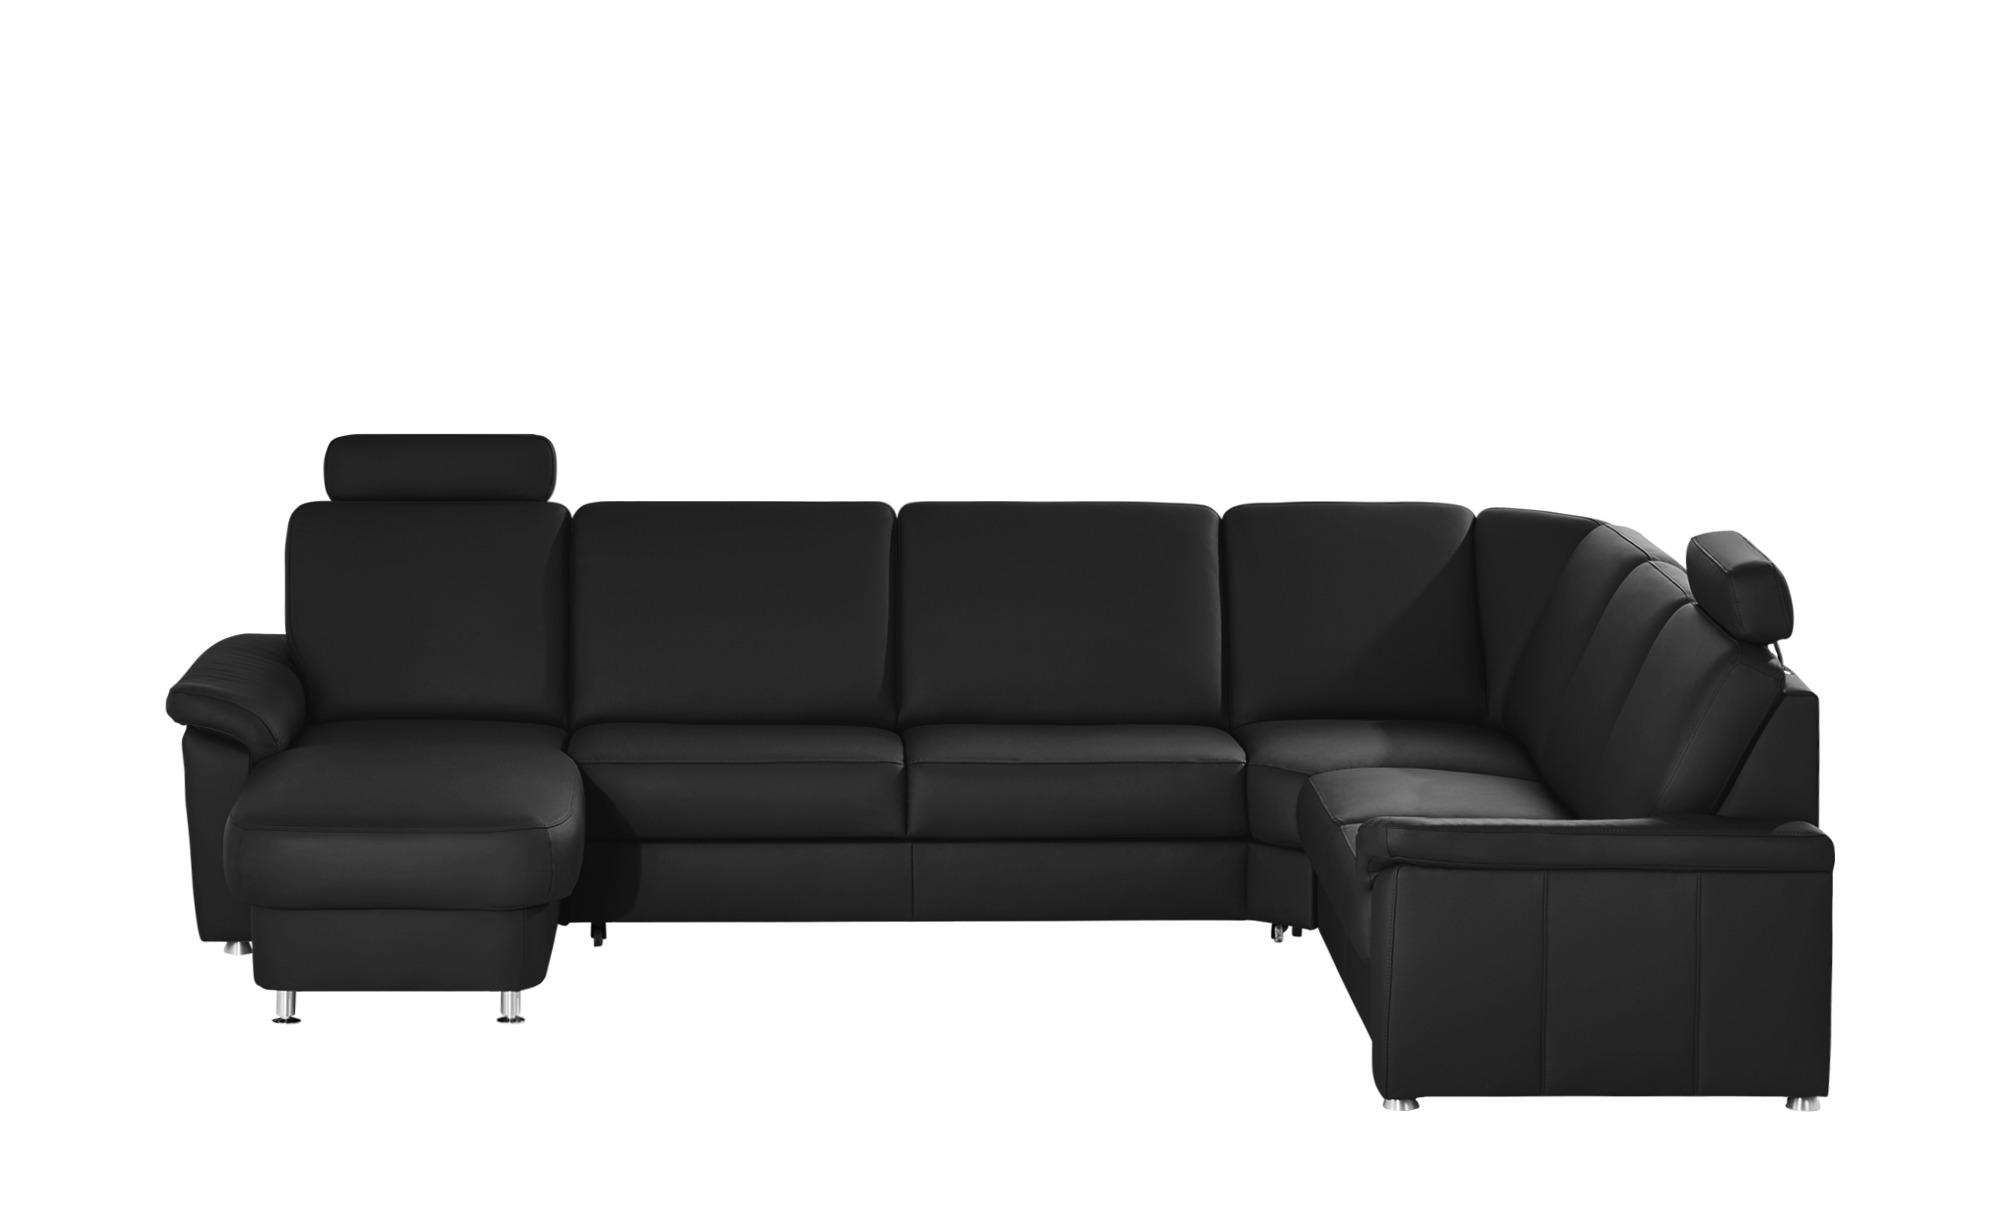 meinsofa leder wohnlandschaft carolin breite h he 91 cm schwarz online kaufen bei woonio. Black Bedroom Furniture Sets. Home Design Ideas